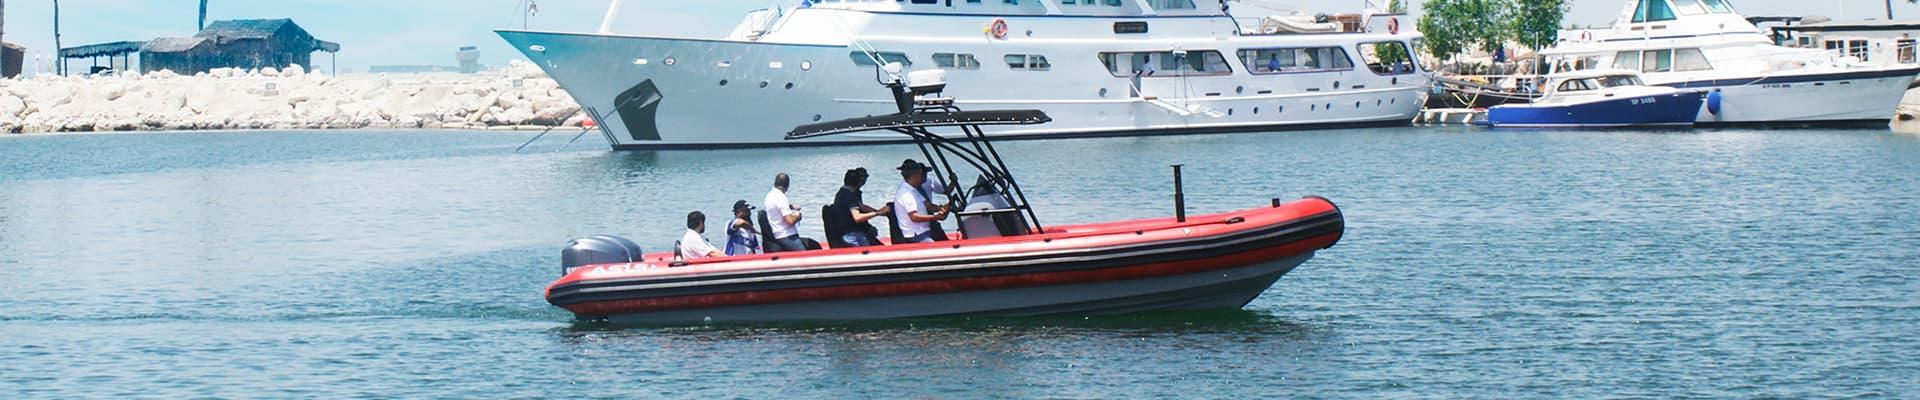 ASIS-Law-Enforcement-Boat-9.5-meter